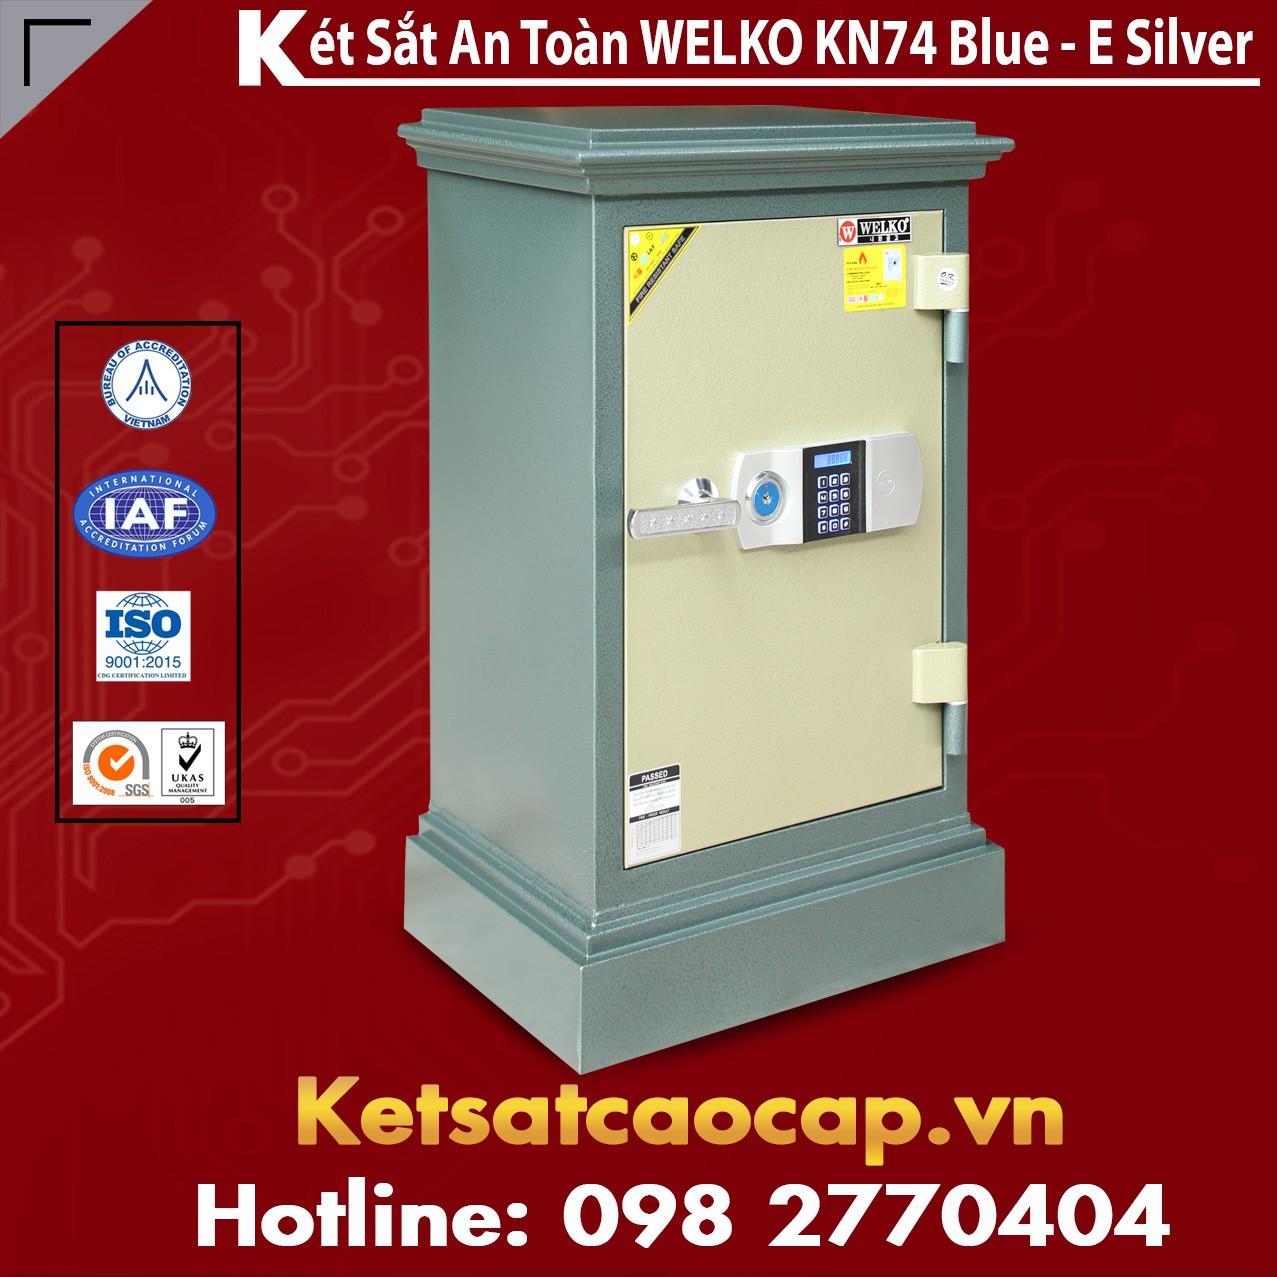 Két Sắt Đà Nẵng KN74 - E Silver